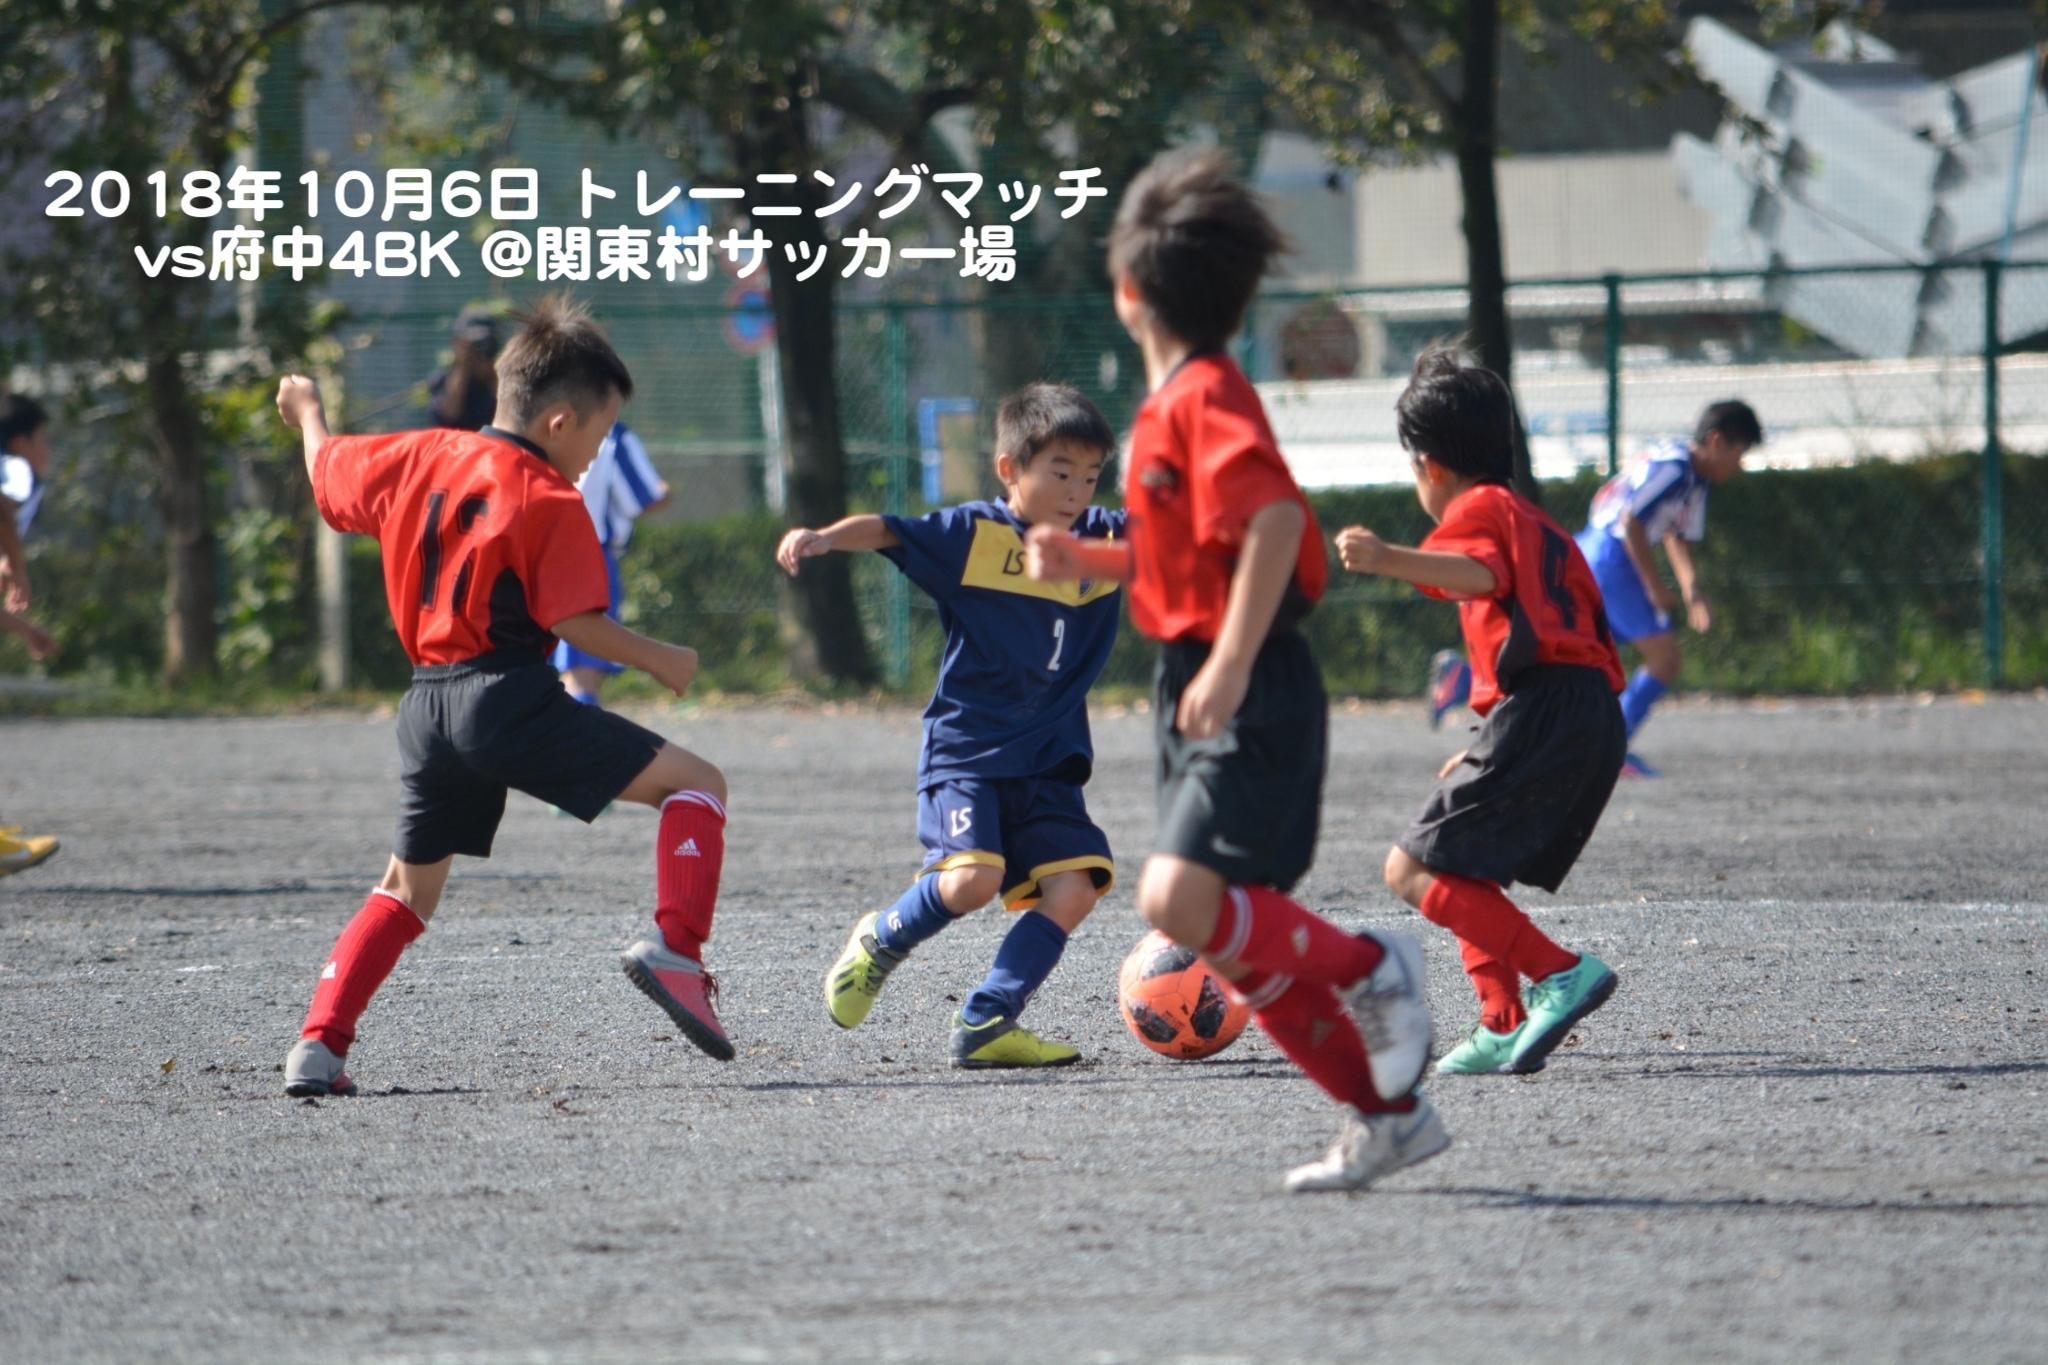 181006 府中南FC 4BK TM_181012_0057